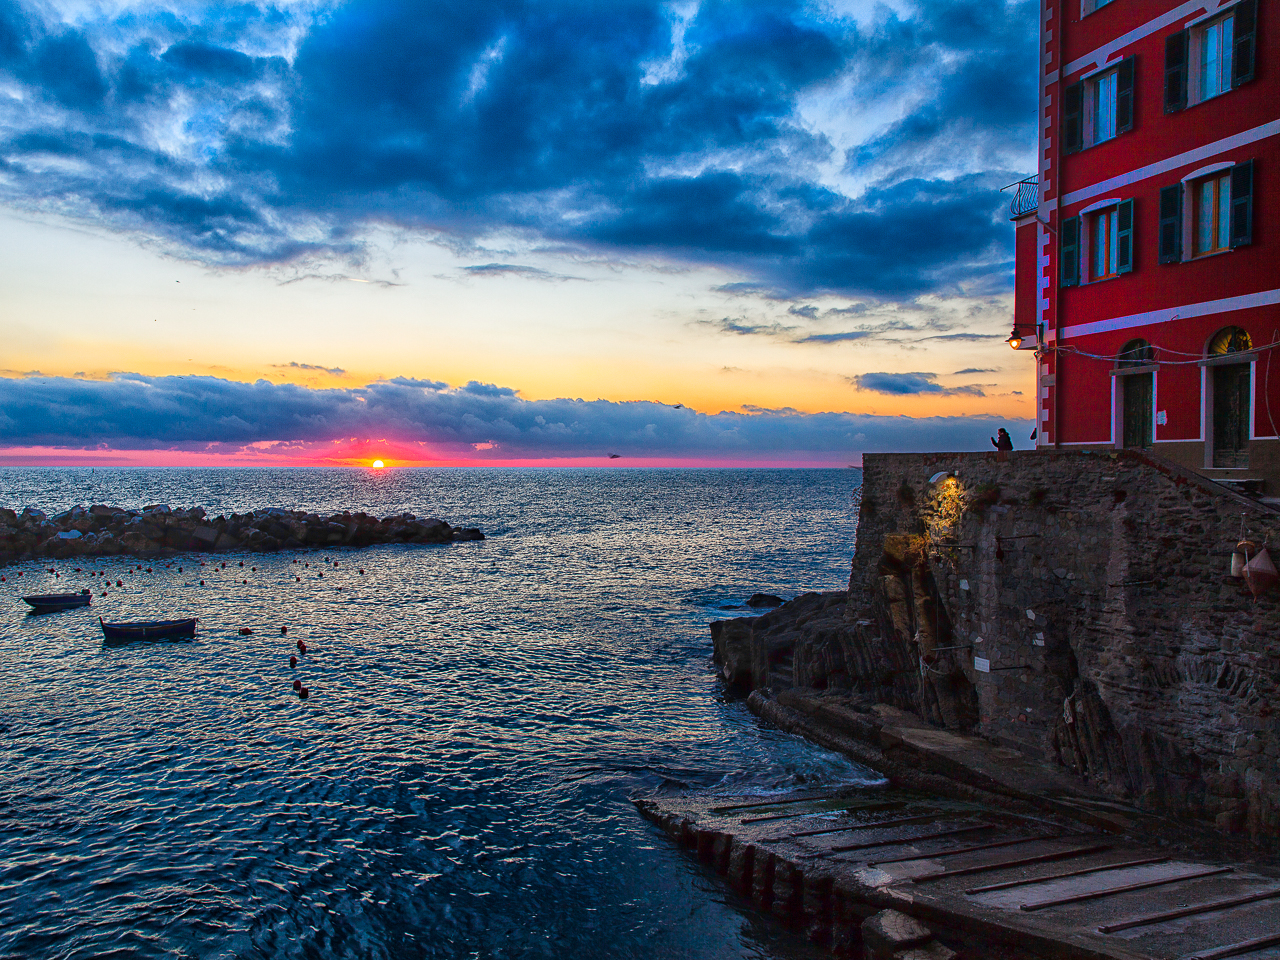 Sunset , Red, RioMaggiore